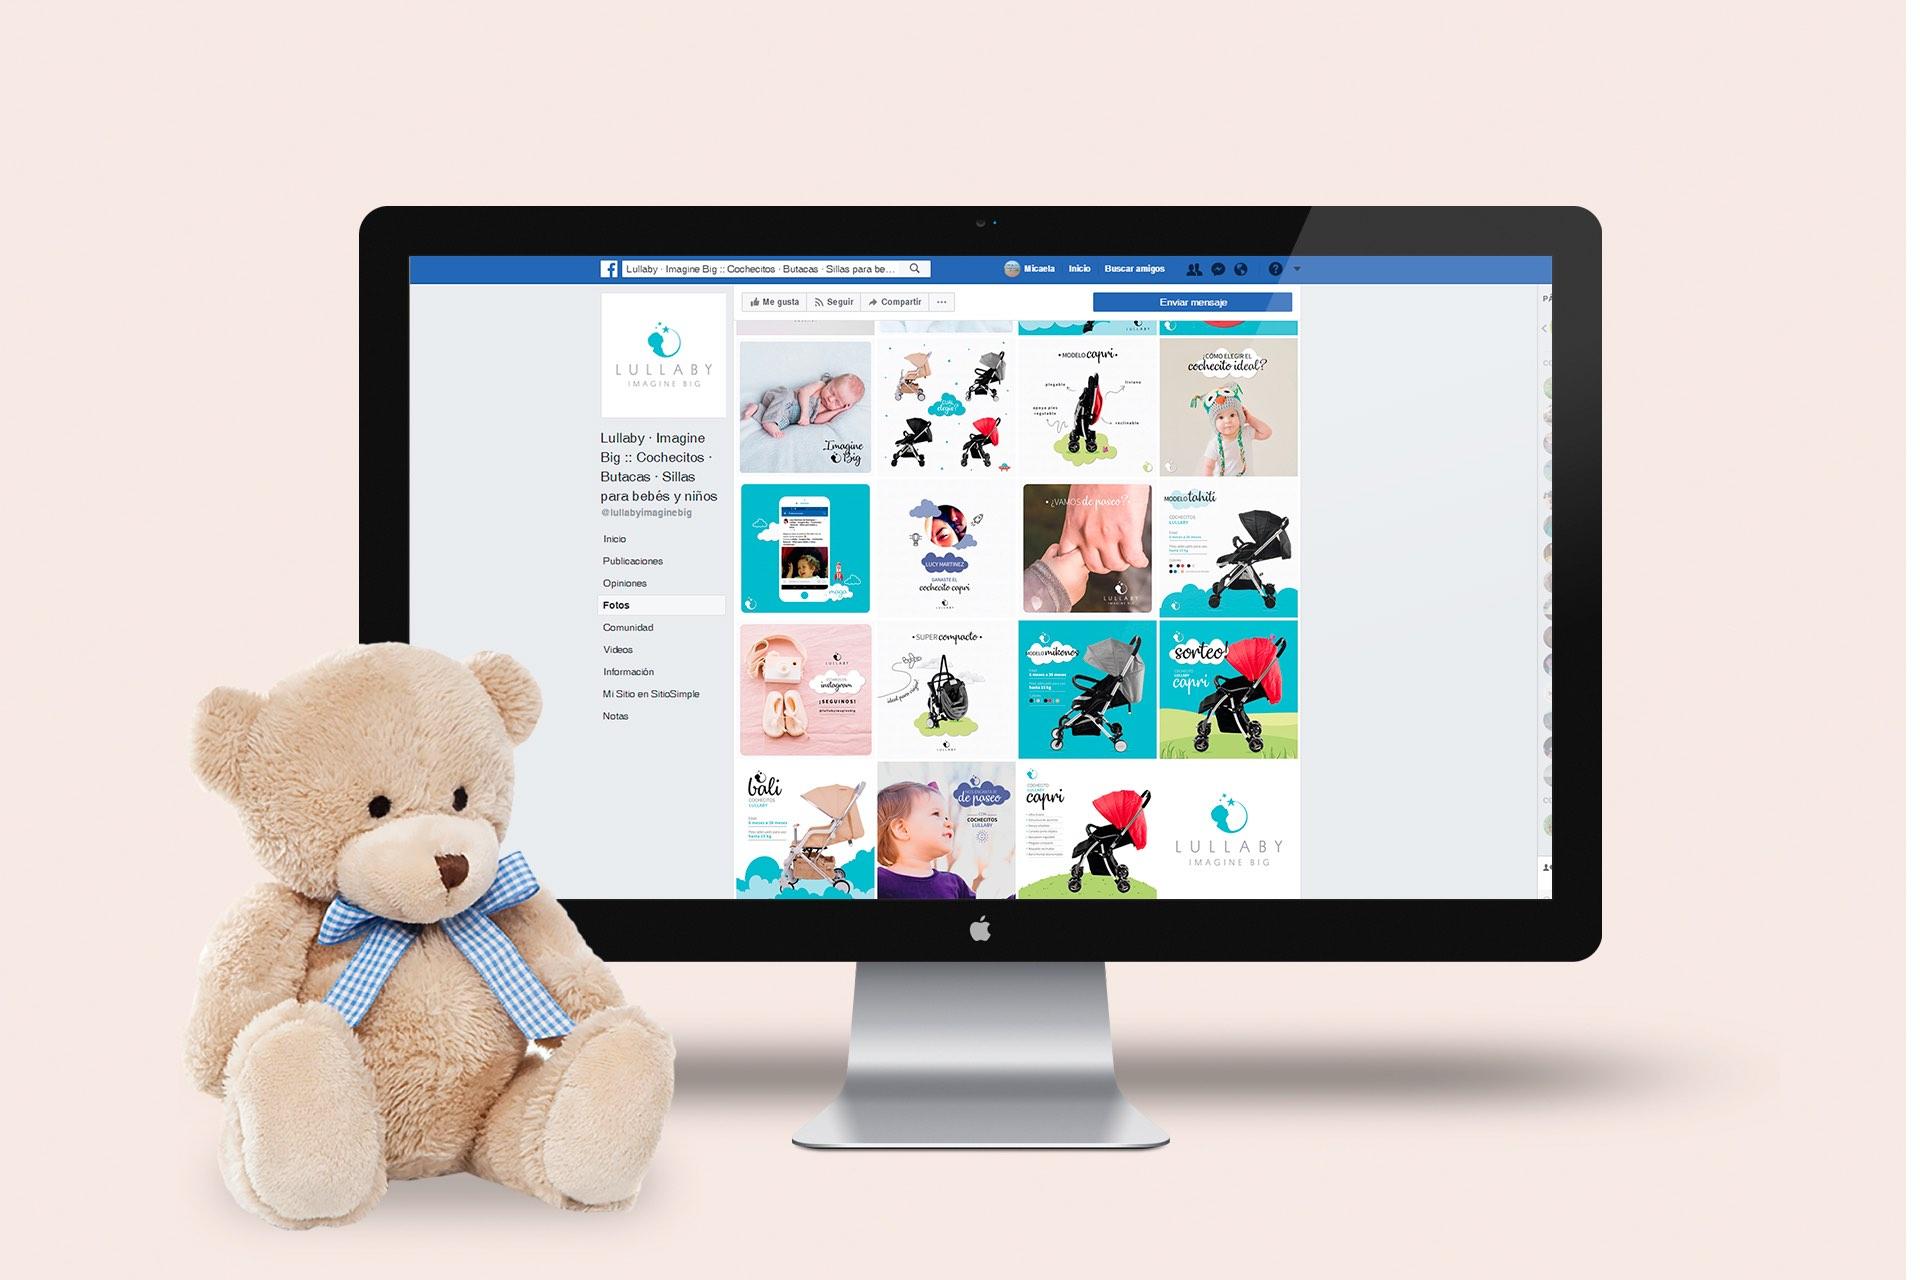 Agencia de Marketing Digital, Lullaby Imagine Big · Redes Sociales, 2